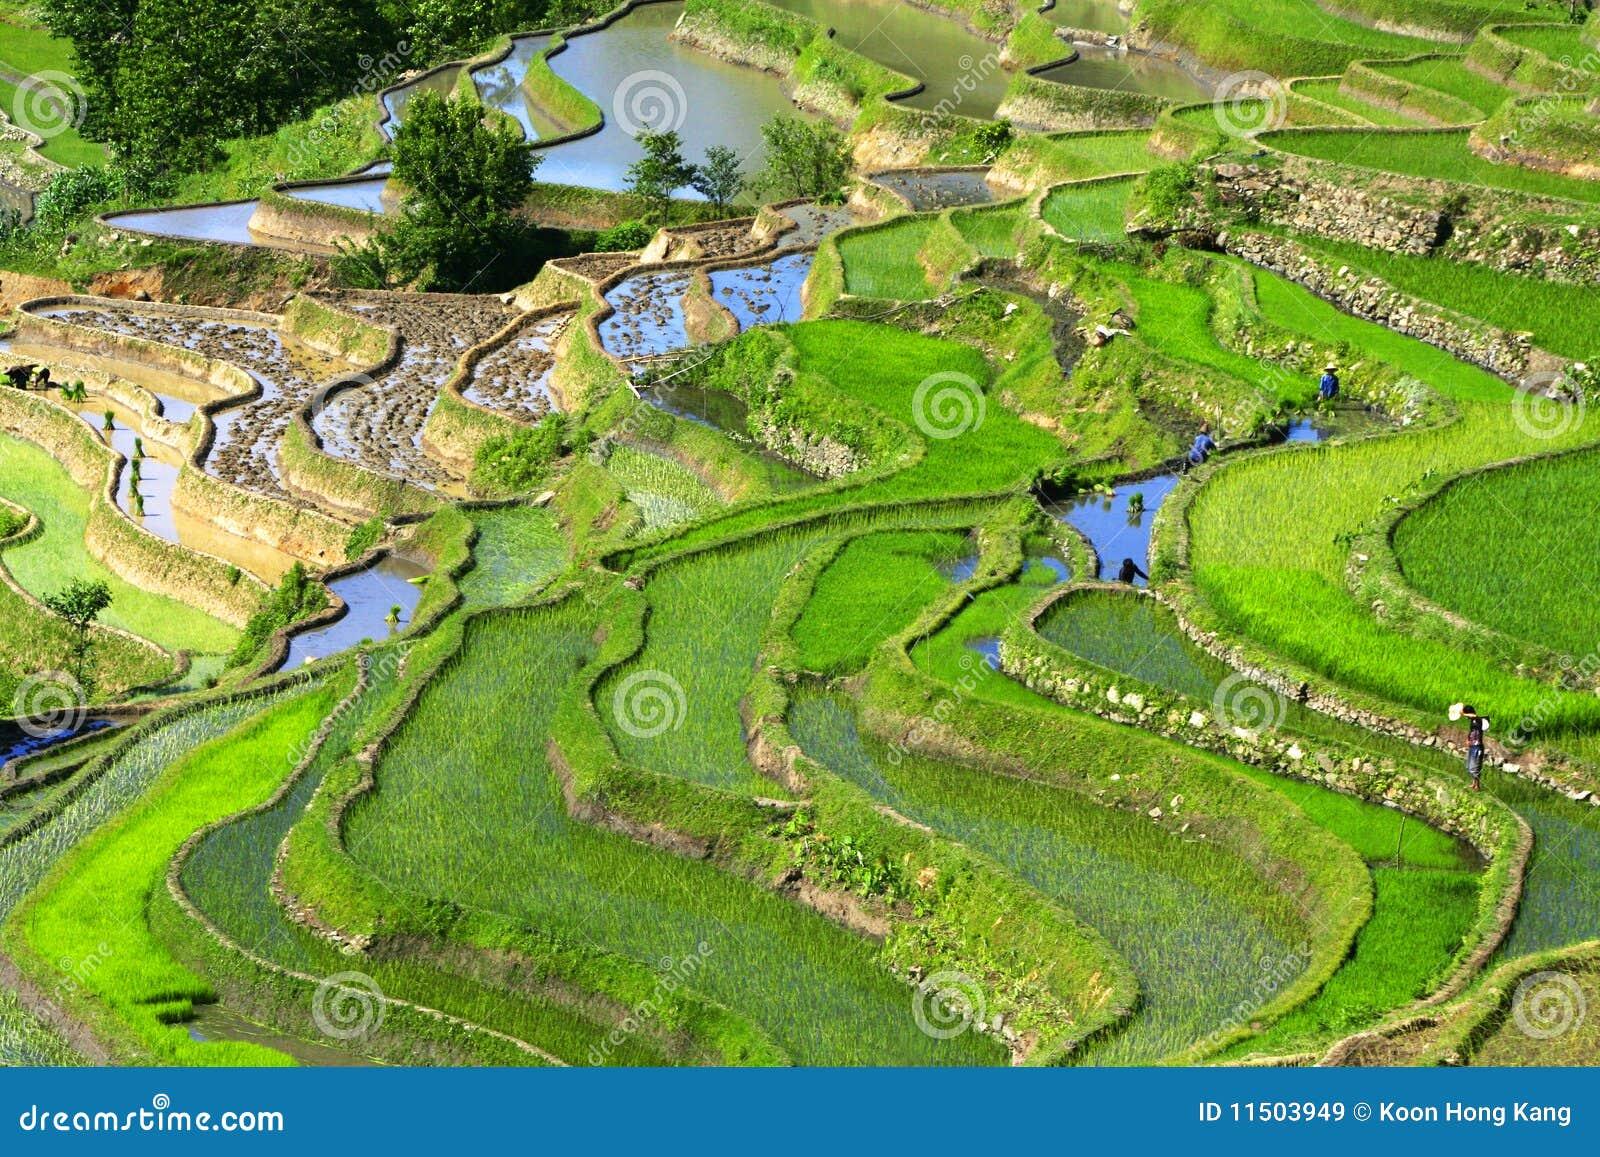 De terrassen van de rijst in yuan yuan yang royalty vrije stock afbeeldingen beeld 11503949 - Afbeeldingen van terrassen verwachten ...